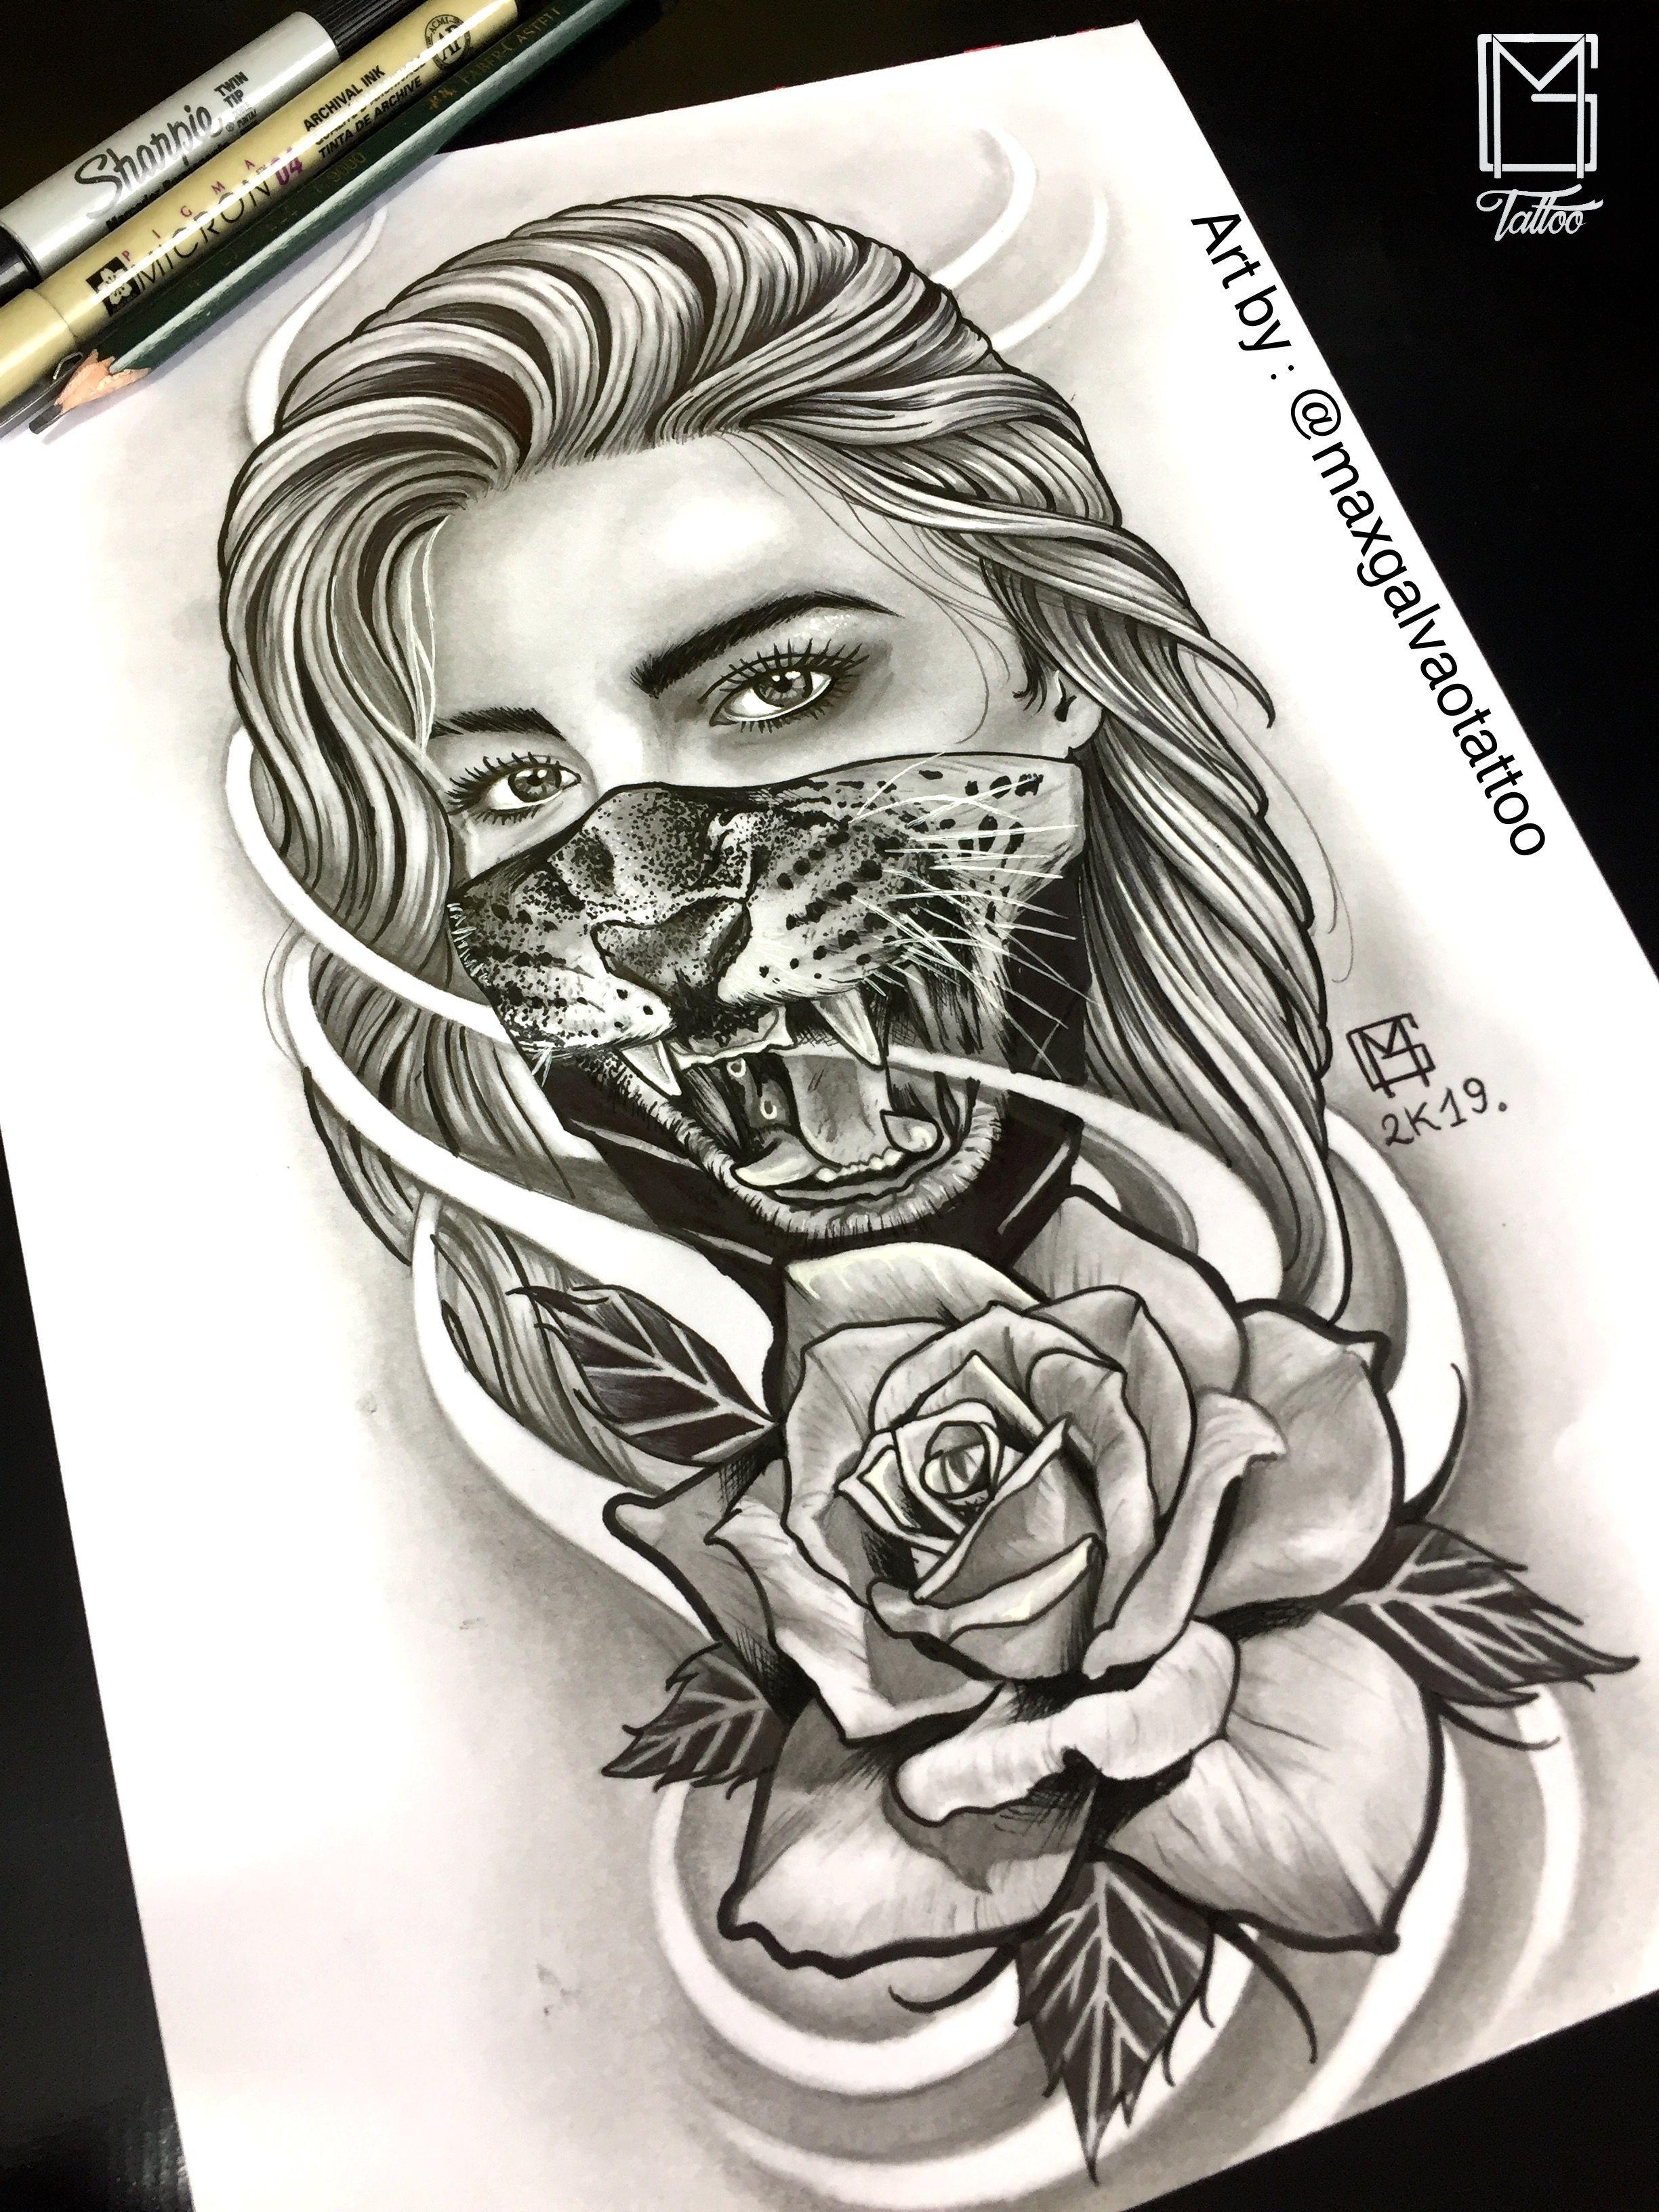 Maskgirl Tattoo Art By Maxgalvaotattoo Follow Me Chicano Tattoo Tattoo Ideias Chicano Tattoos Design Ideas Art Tattoo Chicano Tattoo Tattoos